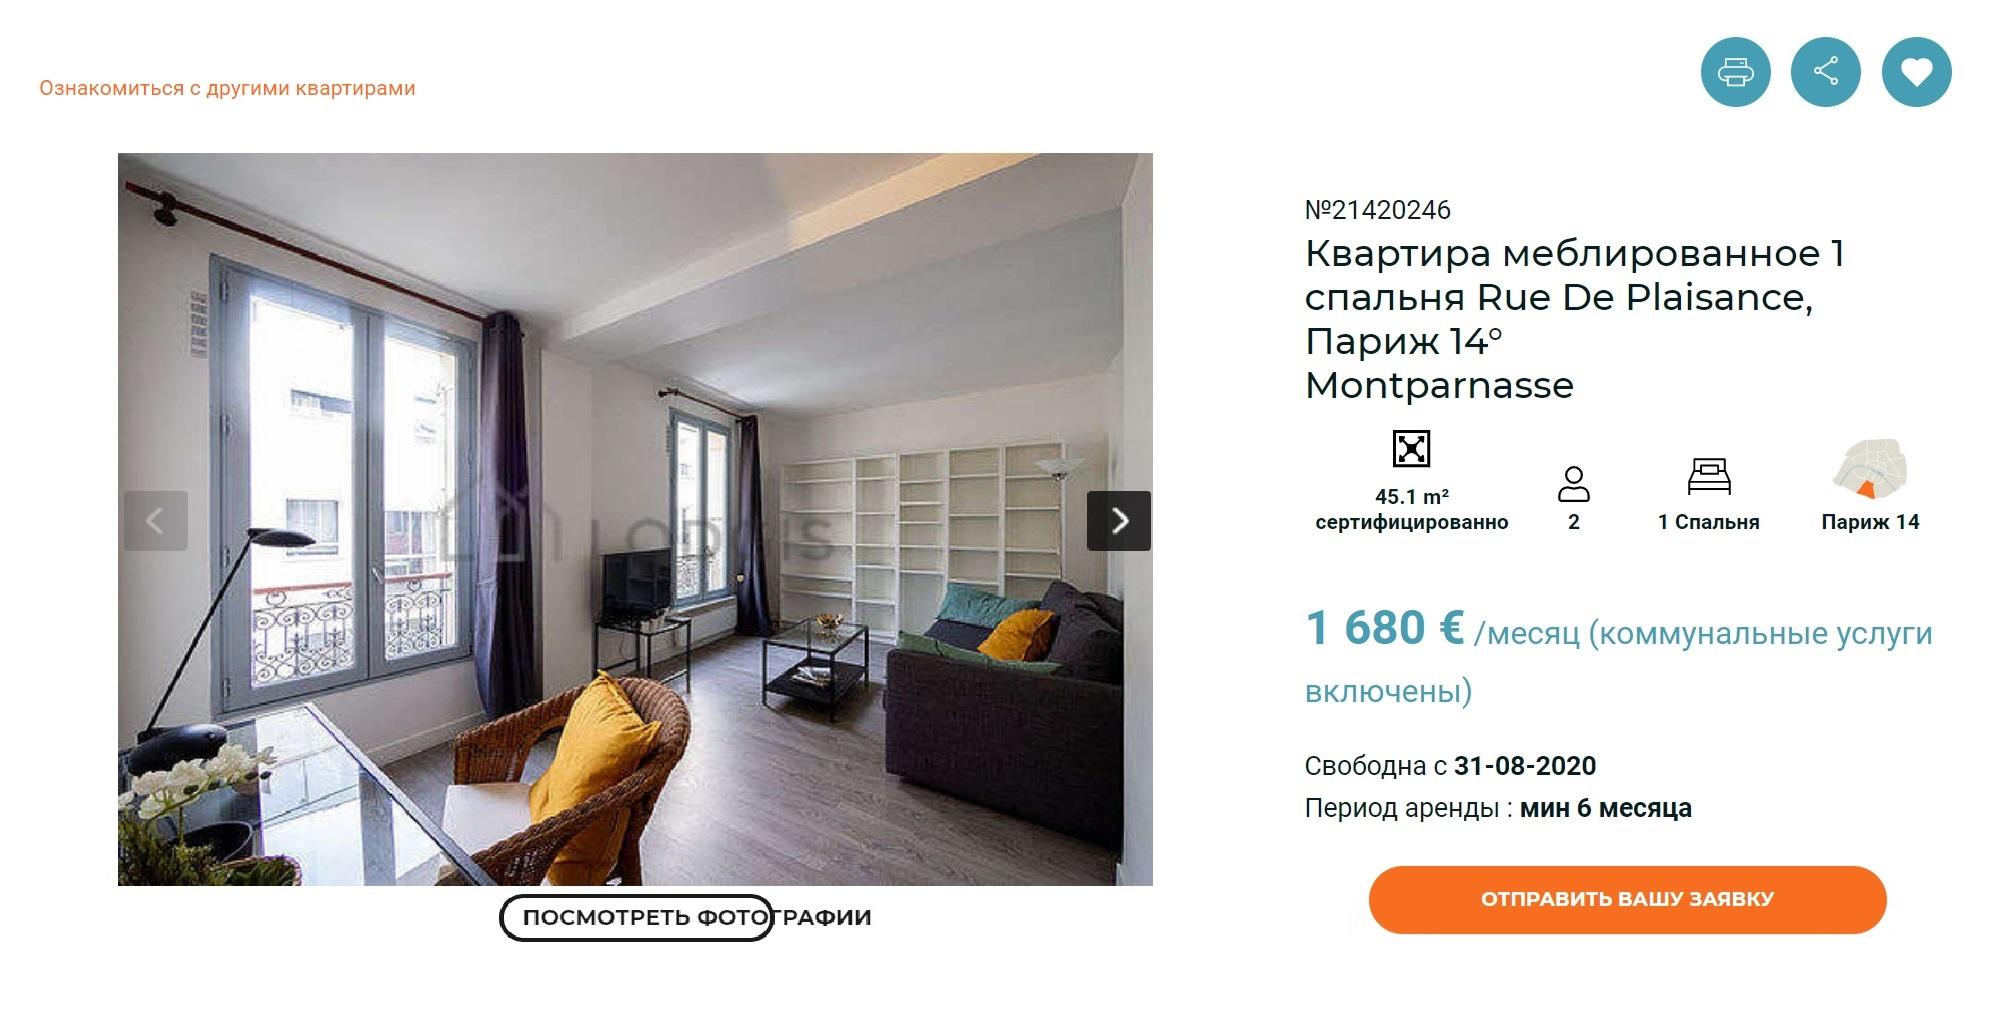 Типичное объявление осдаче квартиры вПариже